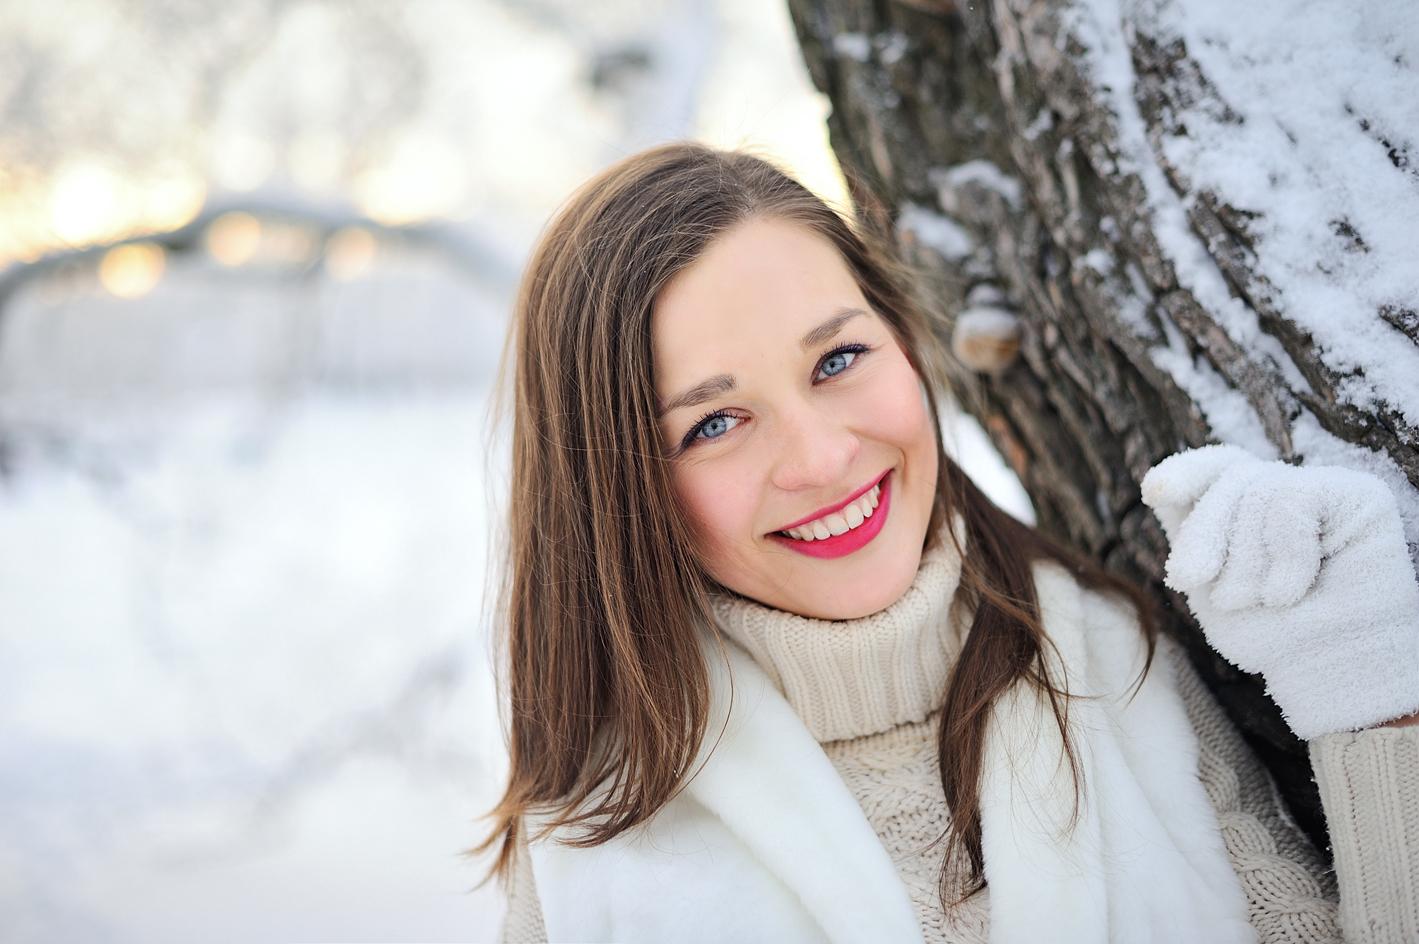 Фотосессия в Санкт-Петербурге зимой